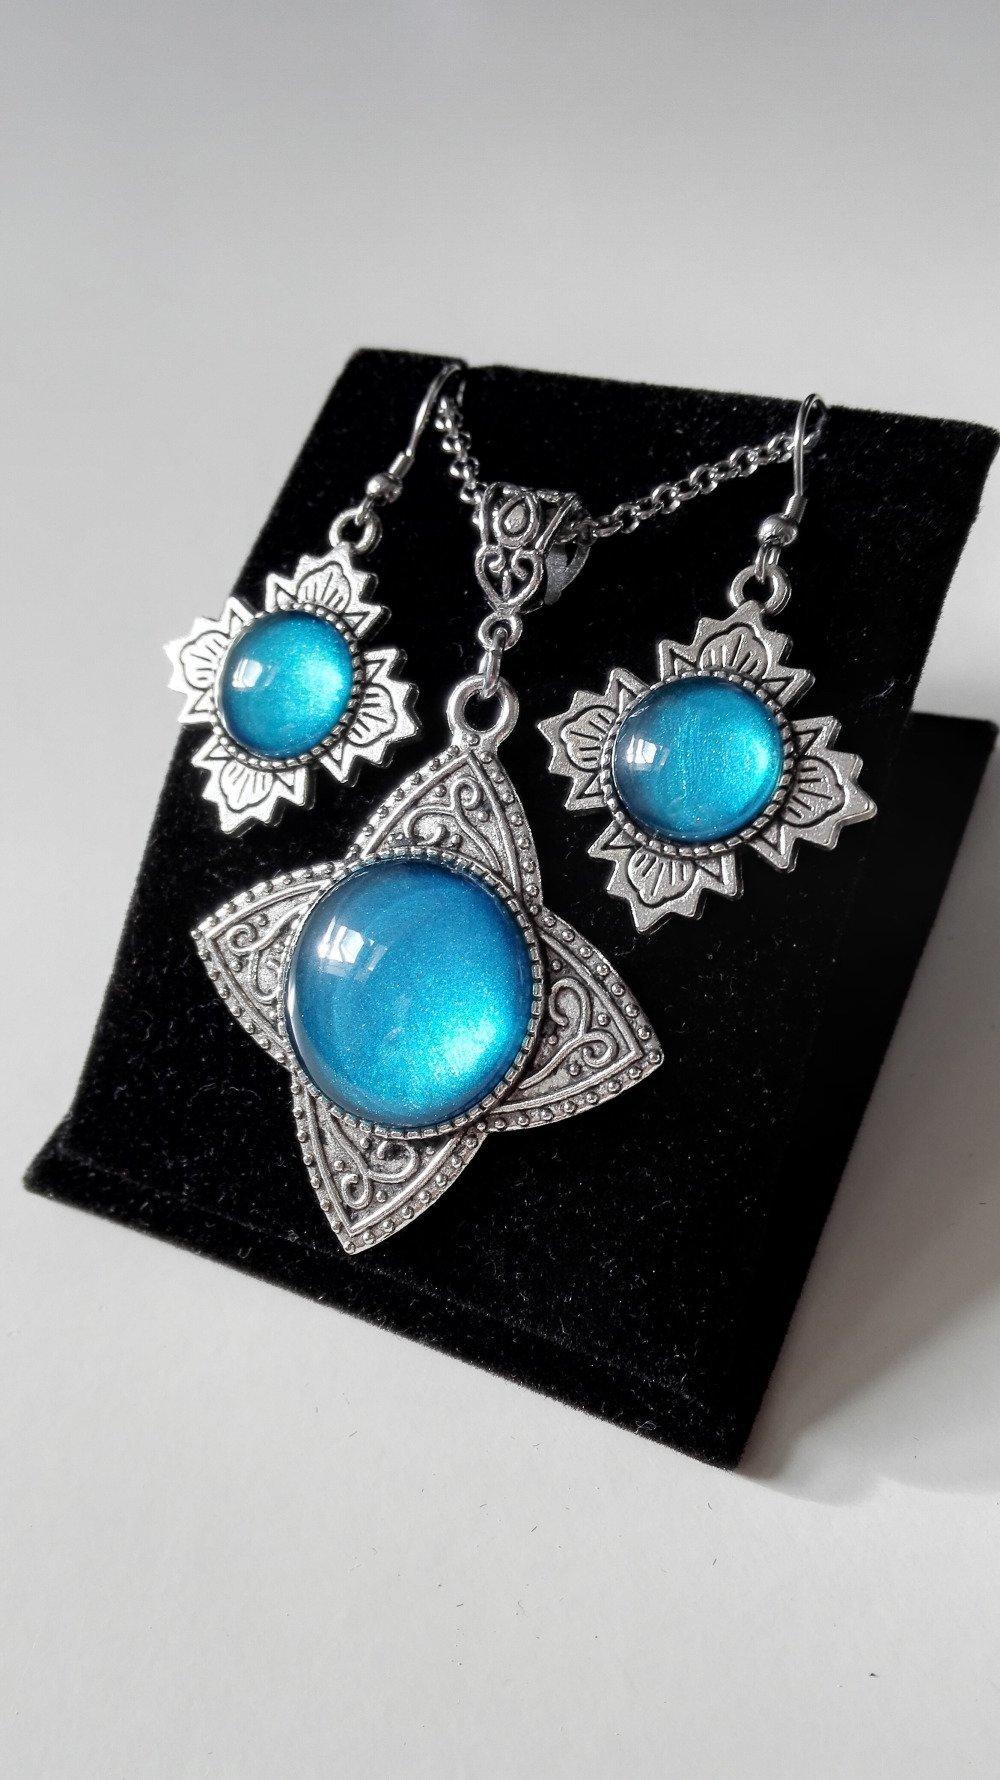 Parure Outlander collier celtique boucles rose jacobite bleu turquoise argenté acier inoxydable féérique vintage idée cadeau Miss Per